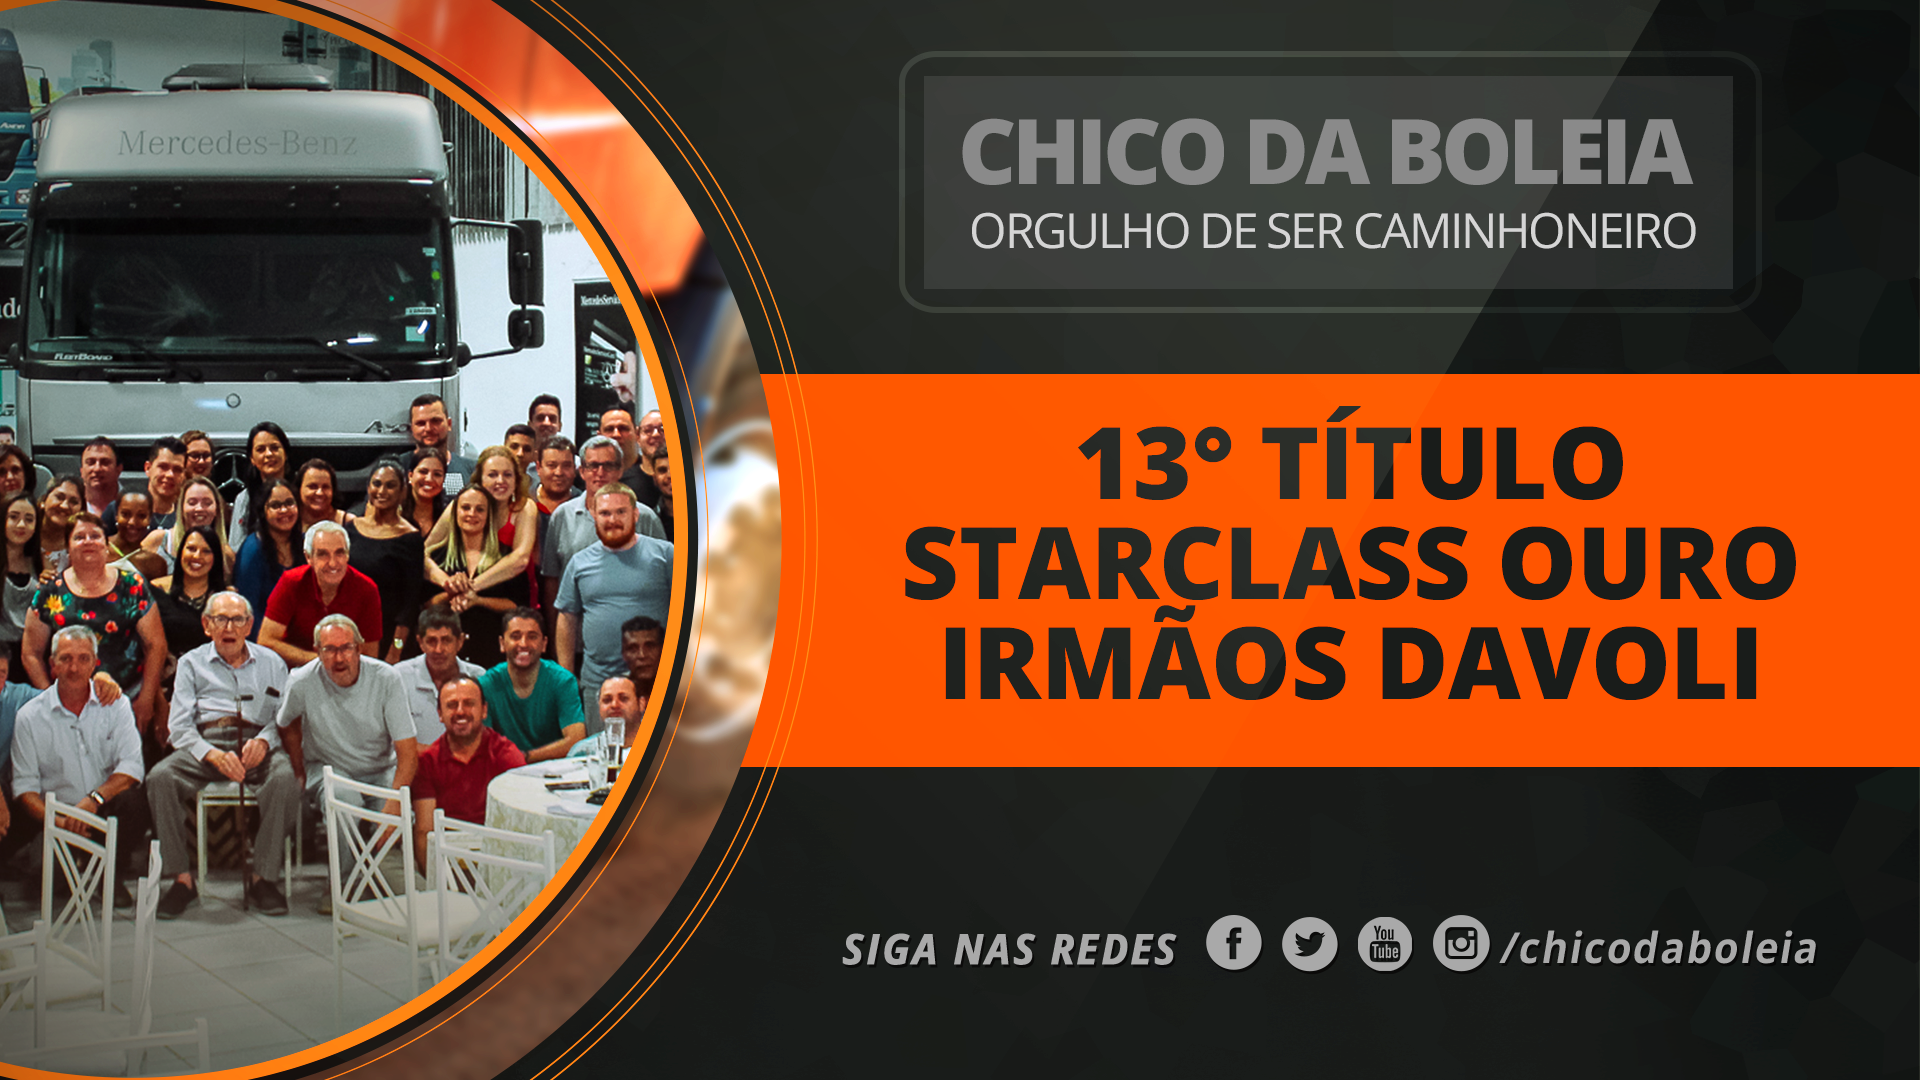 [VÍDEO] Irmãos Davoli comemora o 13° título consecutivo StarClass Ouro